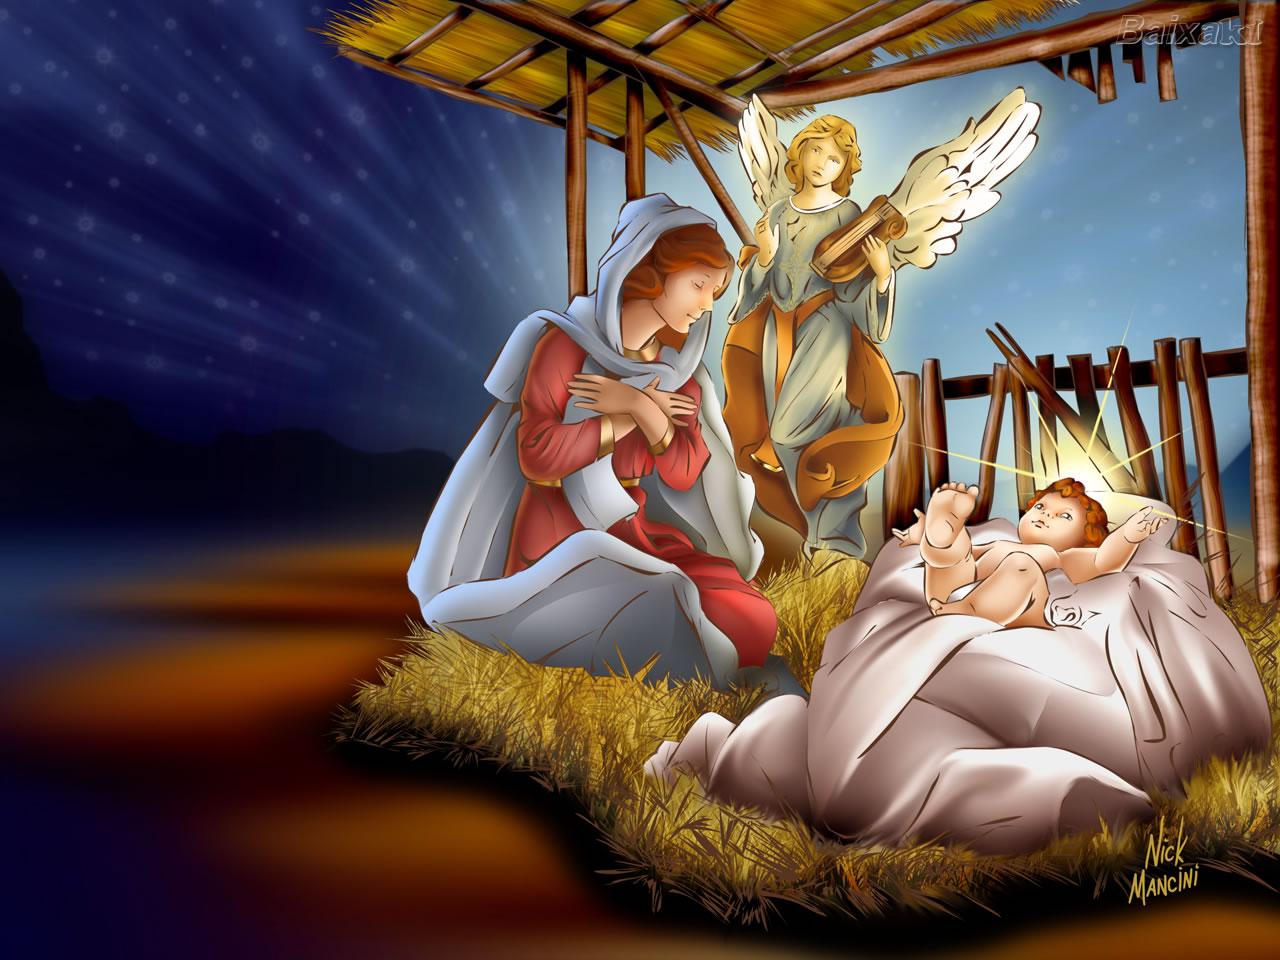 Lagu Natal Terbaru | apexwallpapers.com